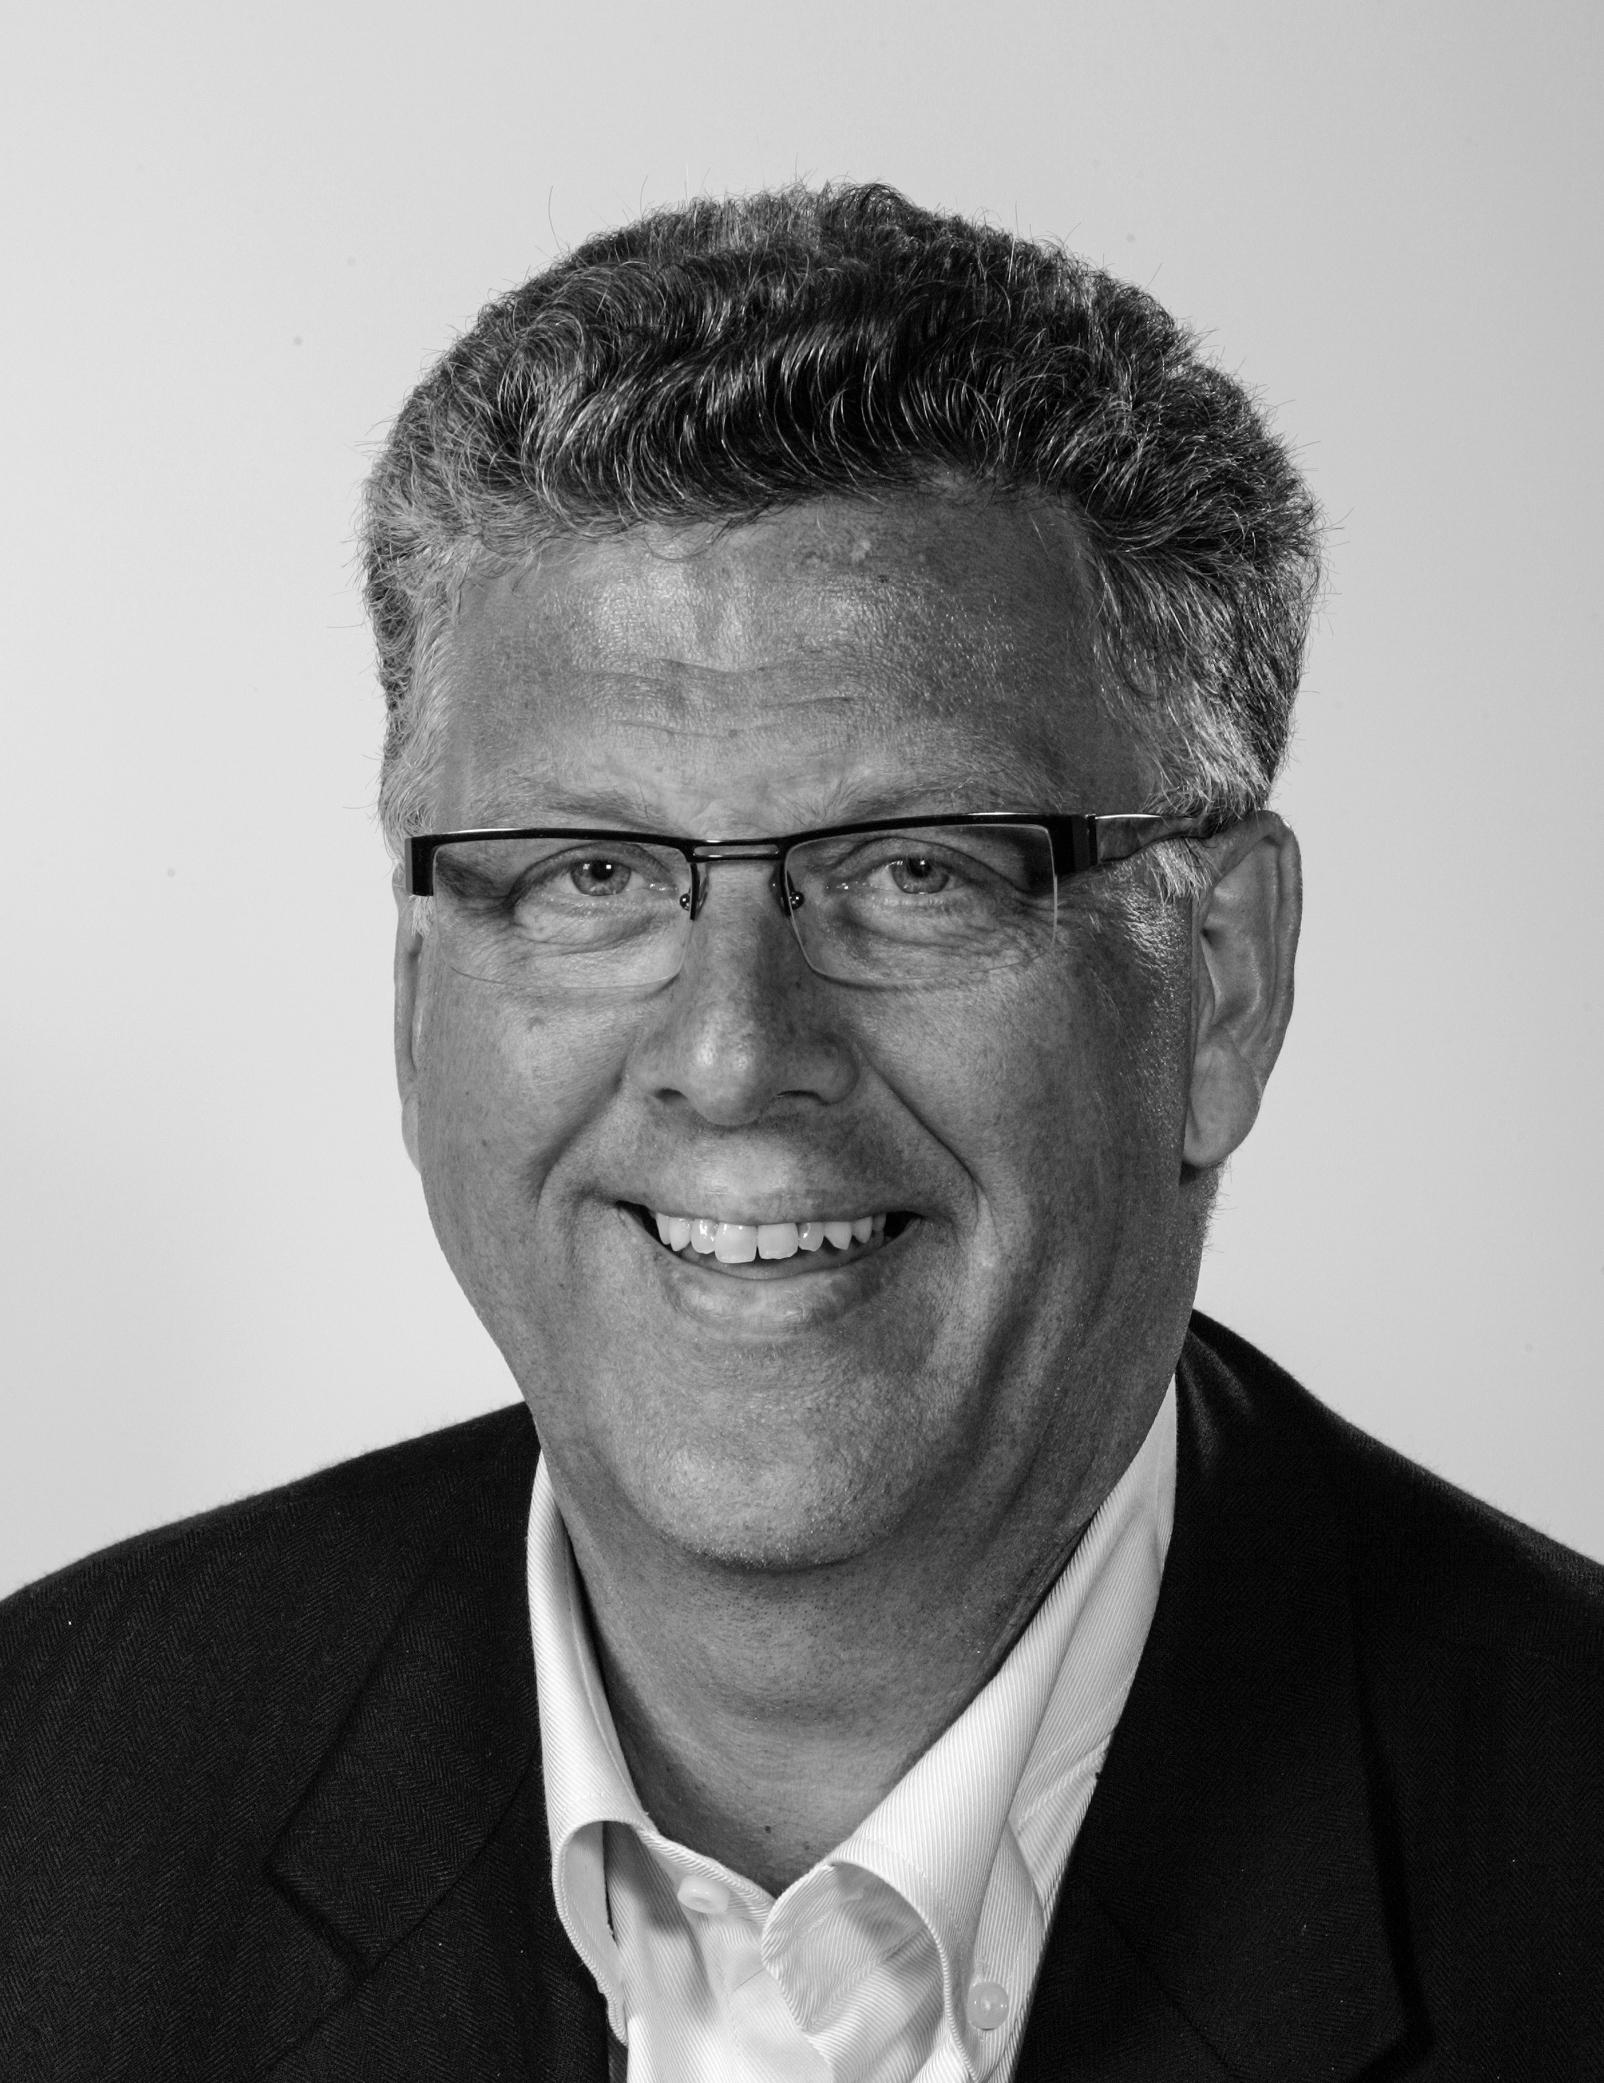 Knut Åsebø - ÅkpKnut Åsebø har de siste 30 årene arbeidet med leder- og organisasjonsutvikling og HR i ulike organisasjoner. Han er prosjektleder for forskingsprosjektet